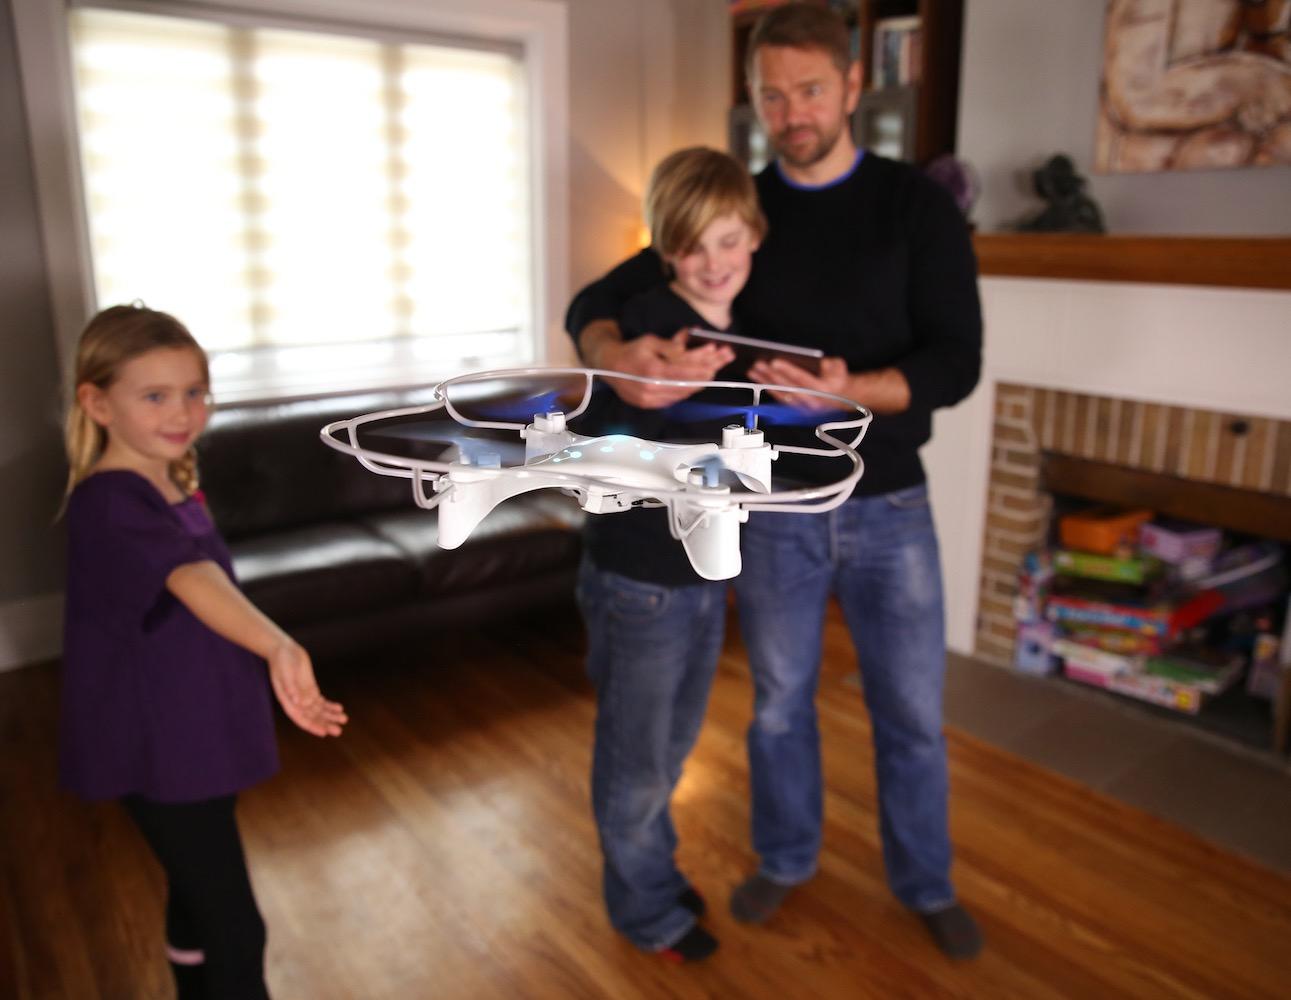 © Источник: DroneFlyers. Дрон станет отличным подарком для совместной деятельности